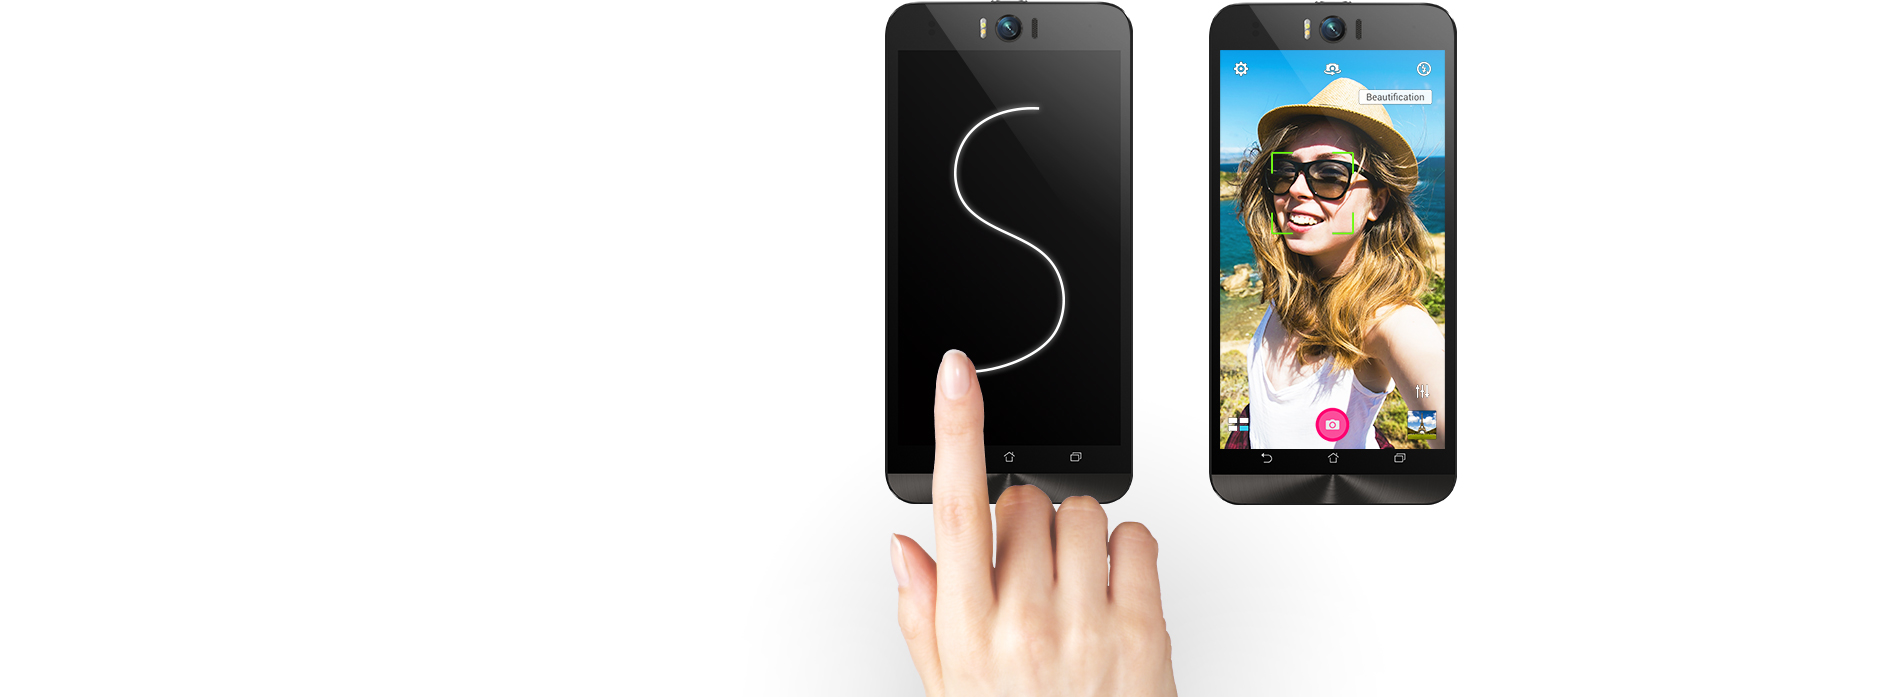 Zenfone Selfie Zd551kl Phone Asus Indonesia Selfi 3 32gb Garansi Resmi Zenmotion Sapukan Bentuk S Untuk